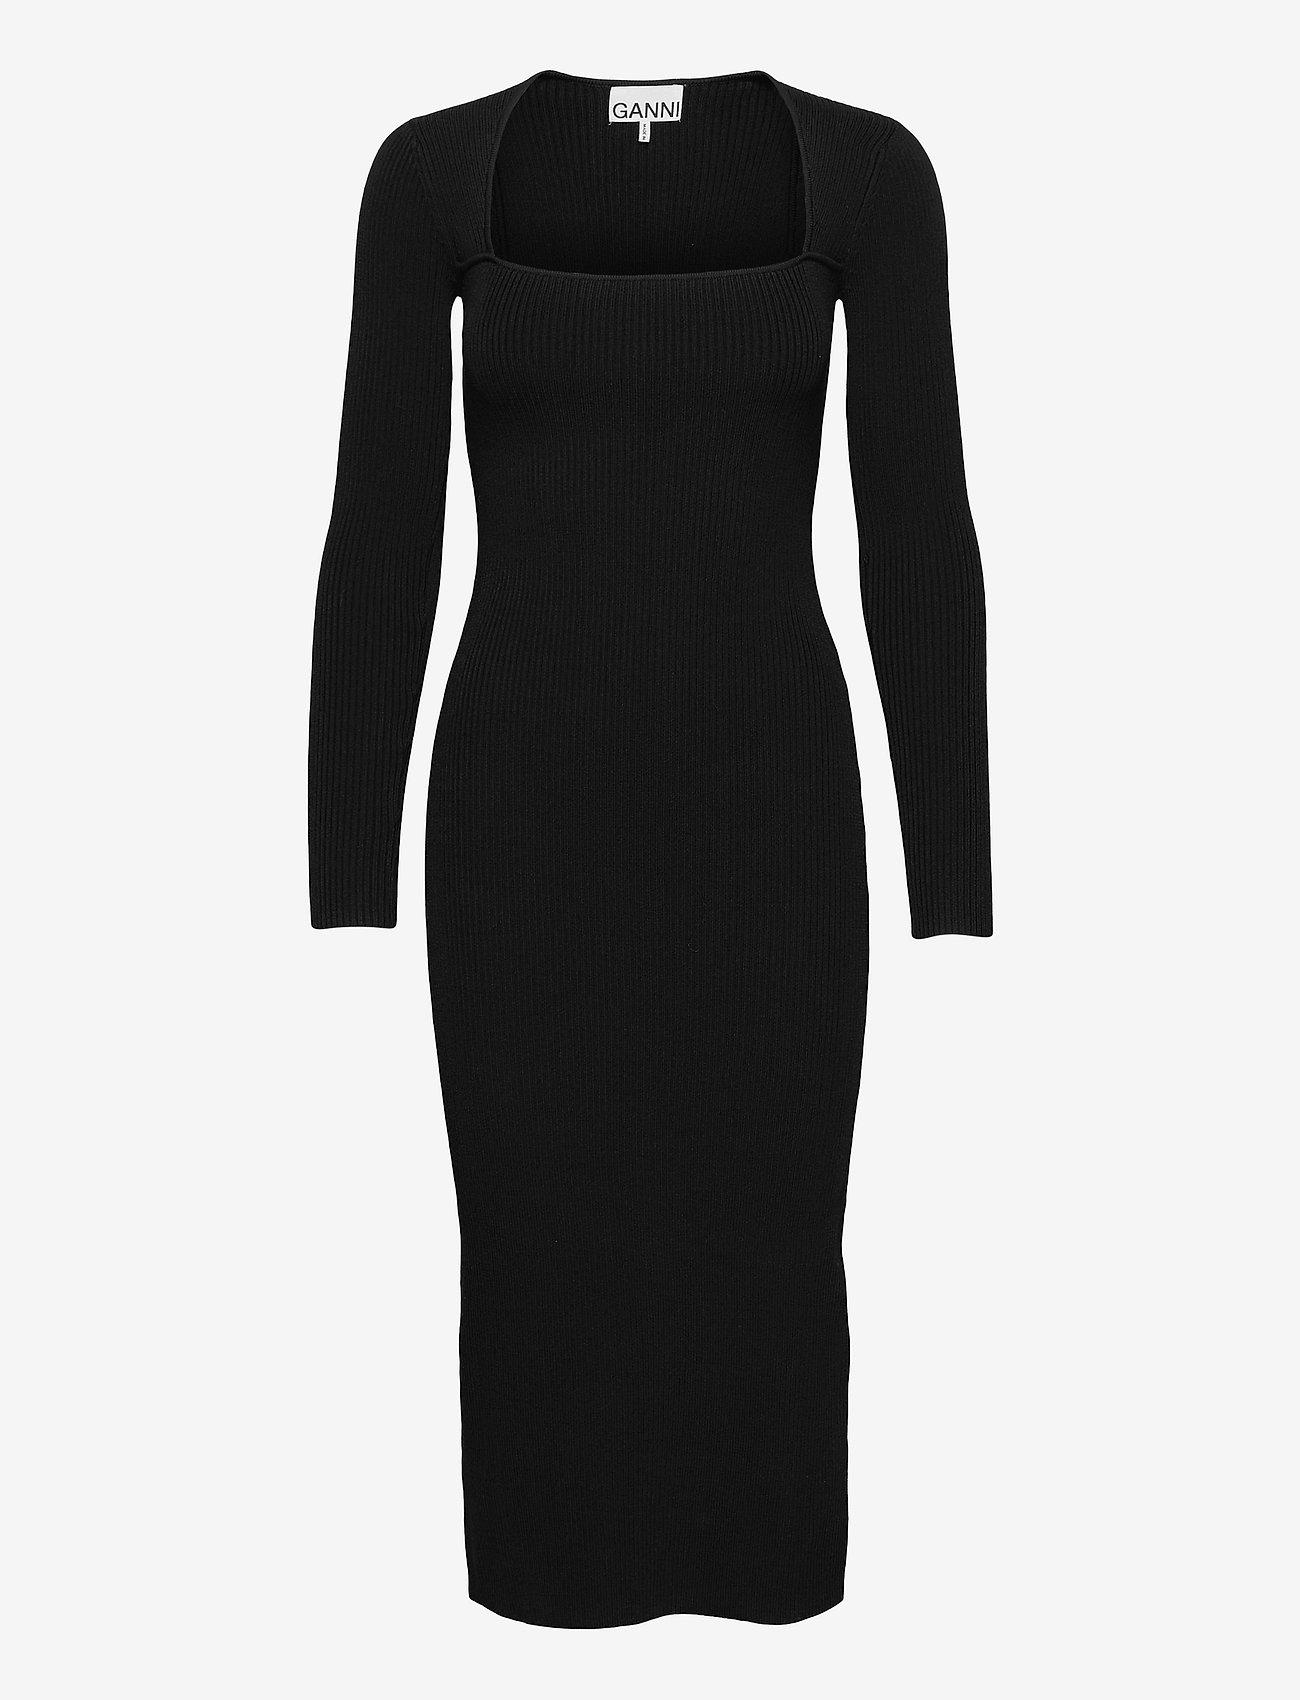 Ganni - Melange Knit - sommerkjoler - black - 0